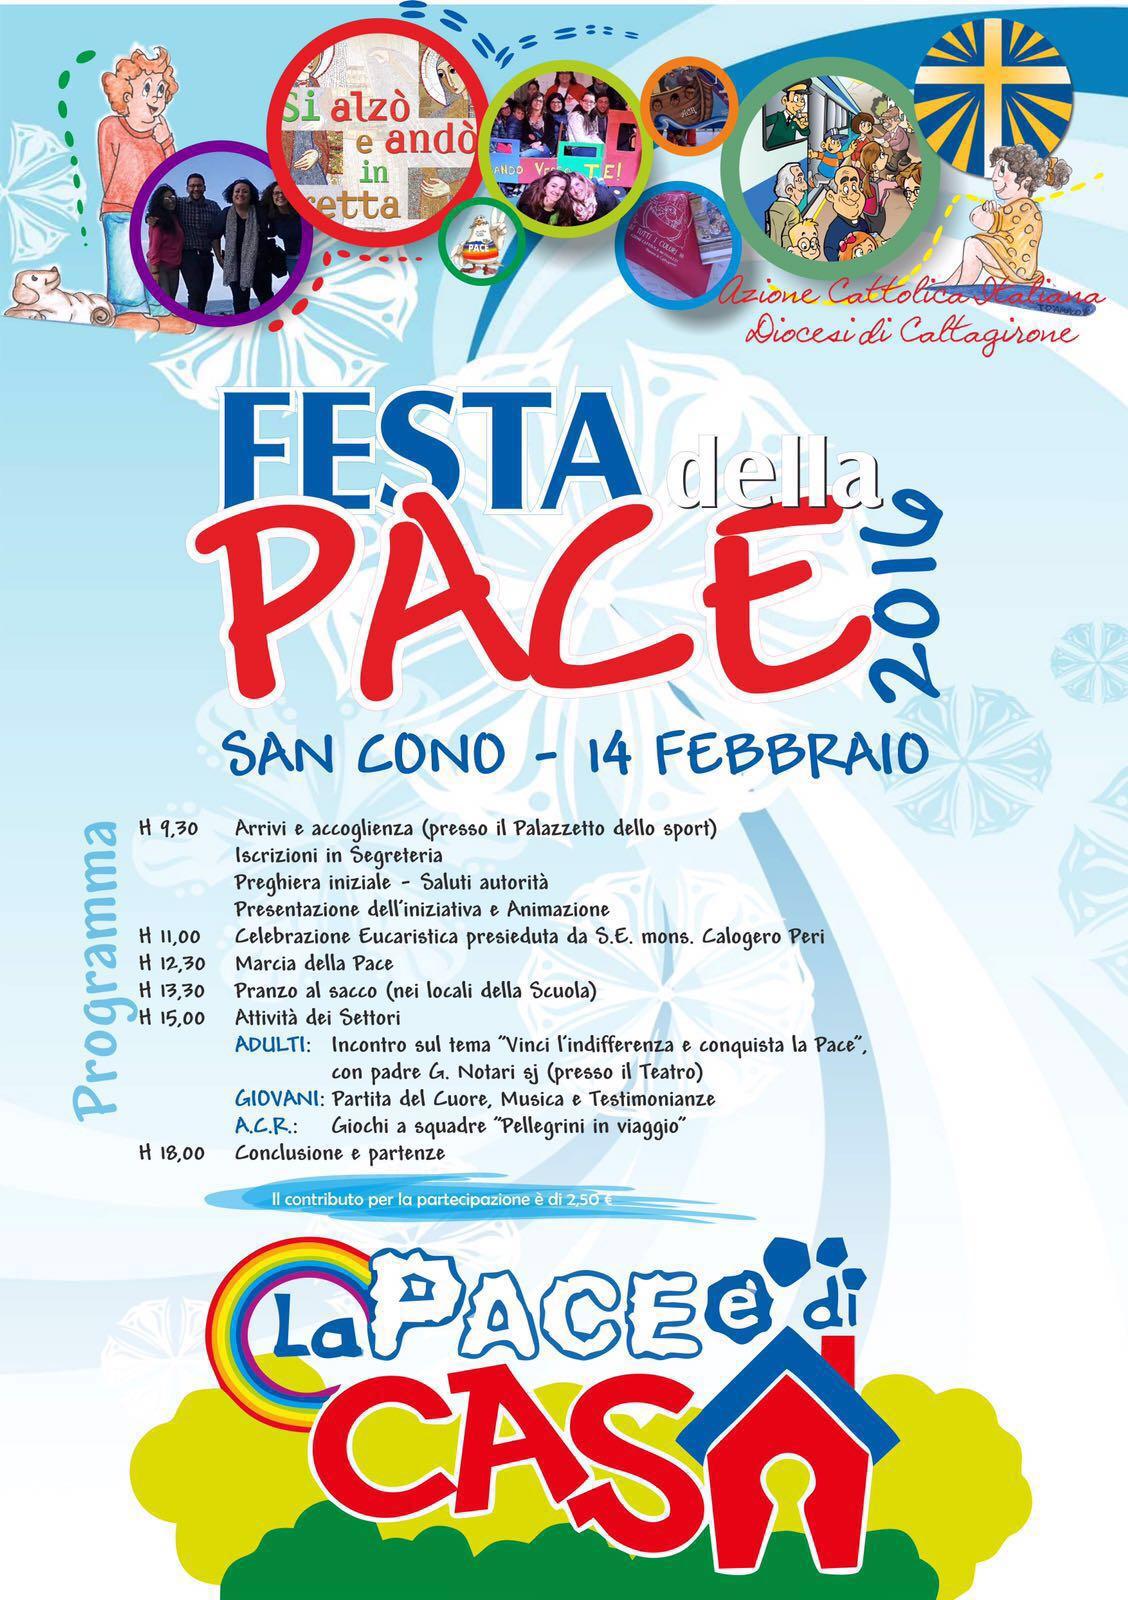 Festa_della_Pace_2016